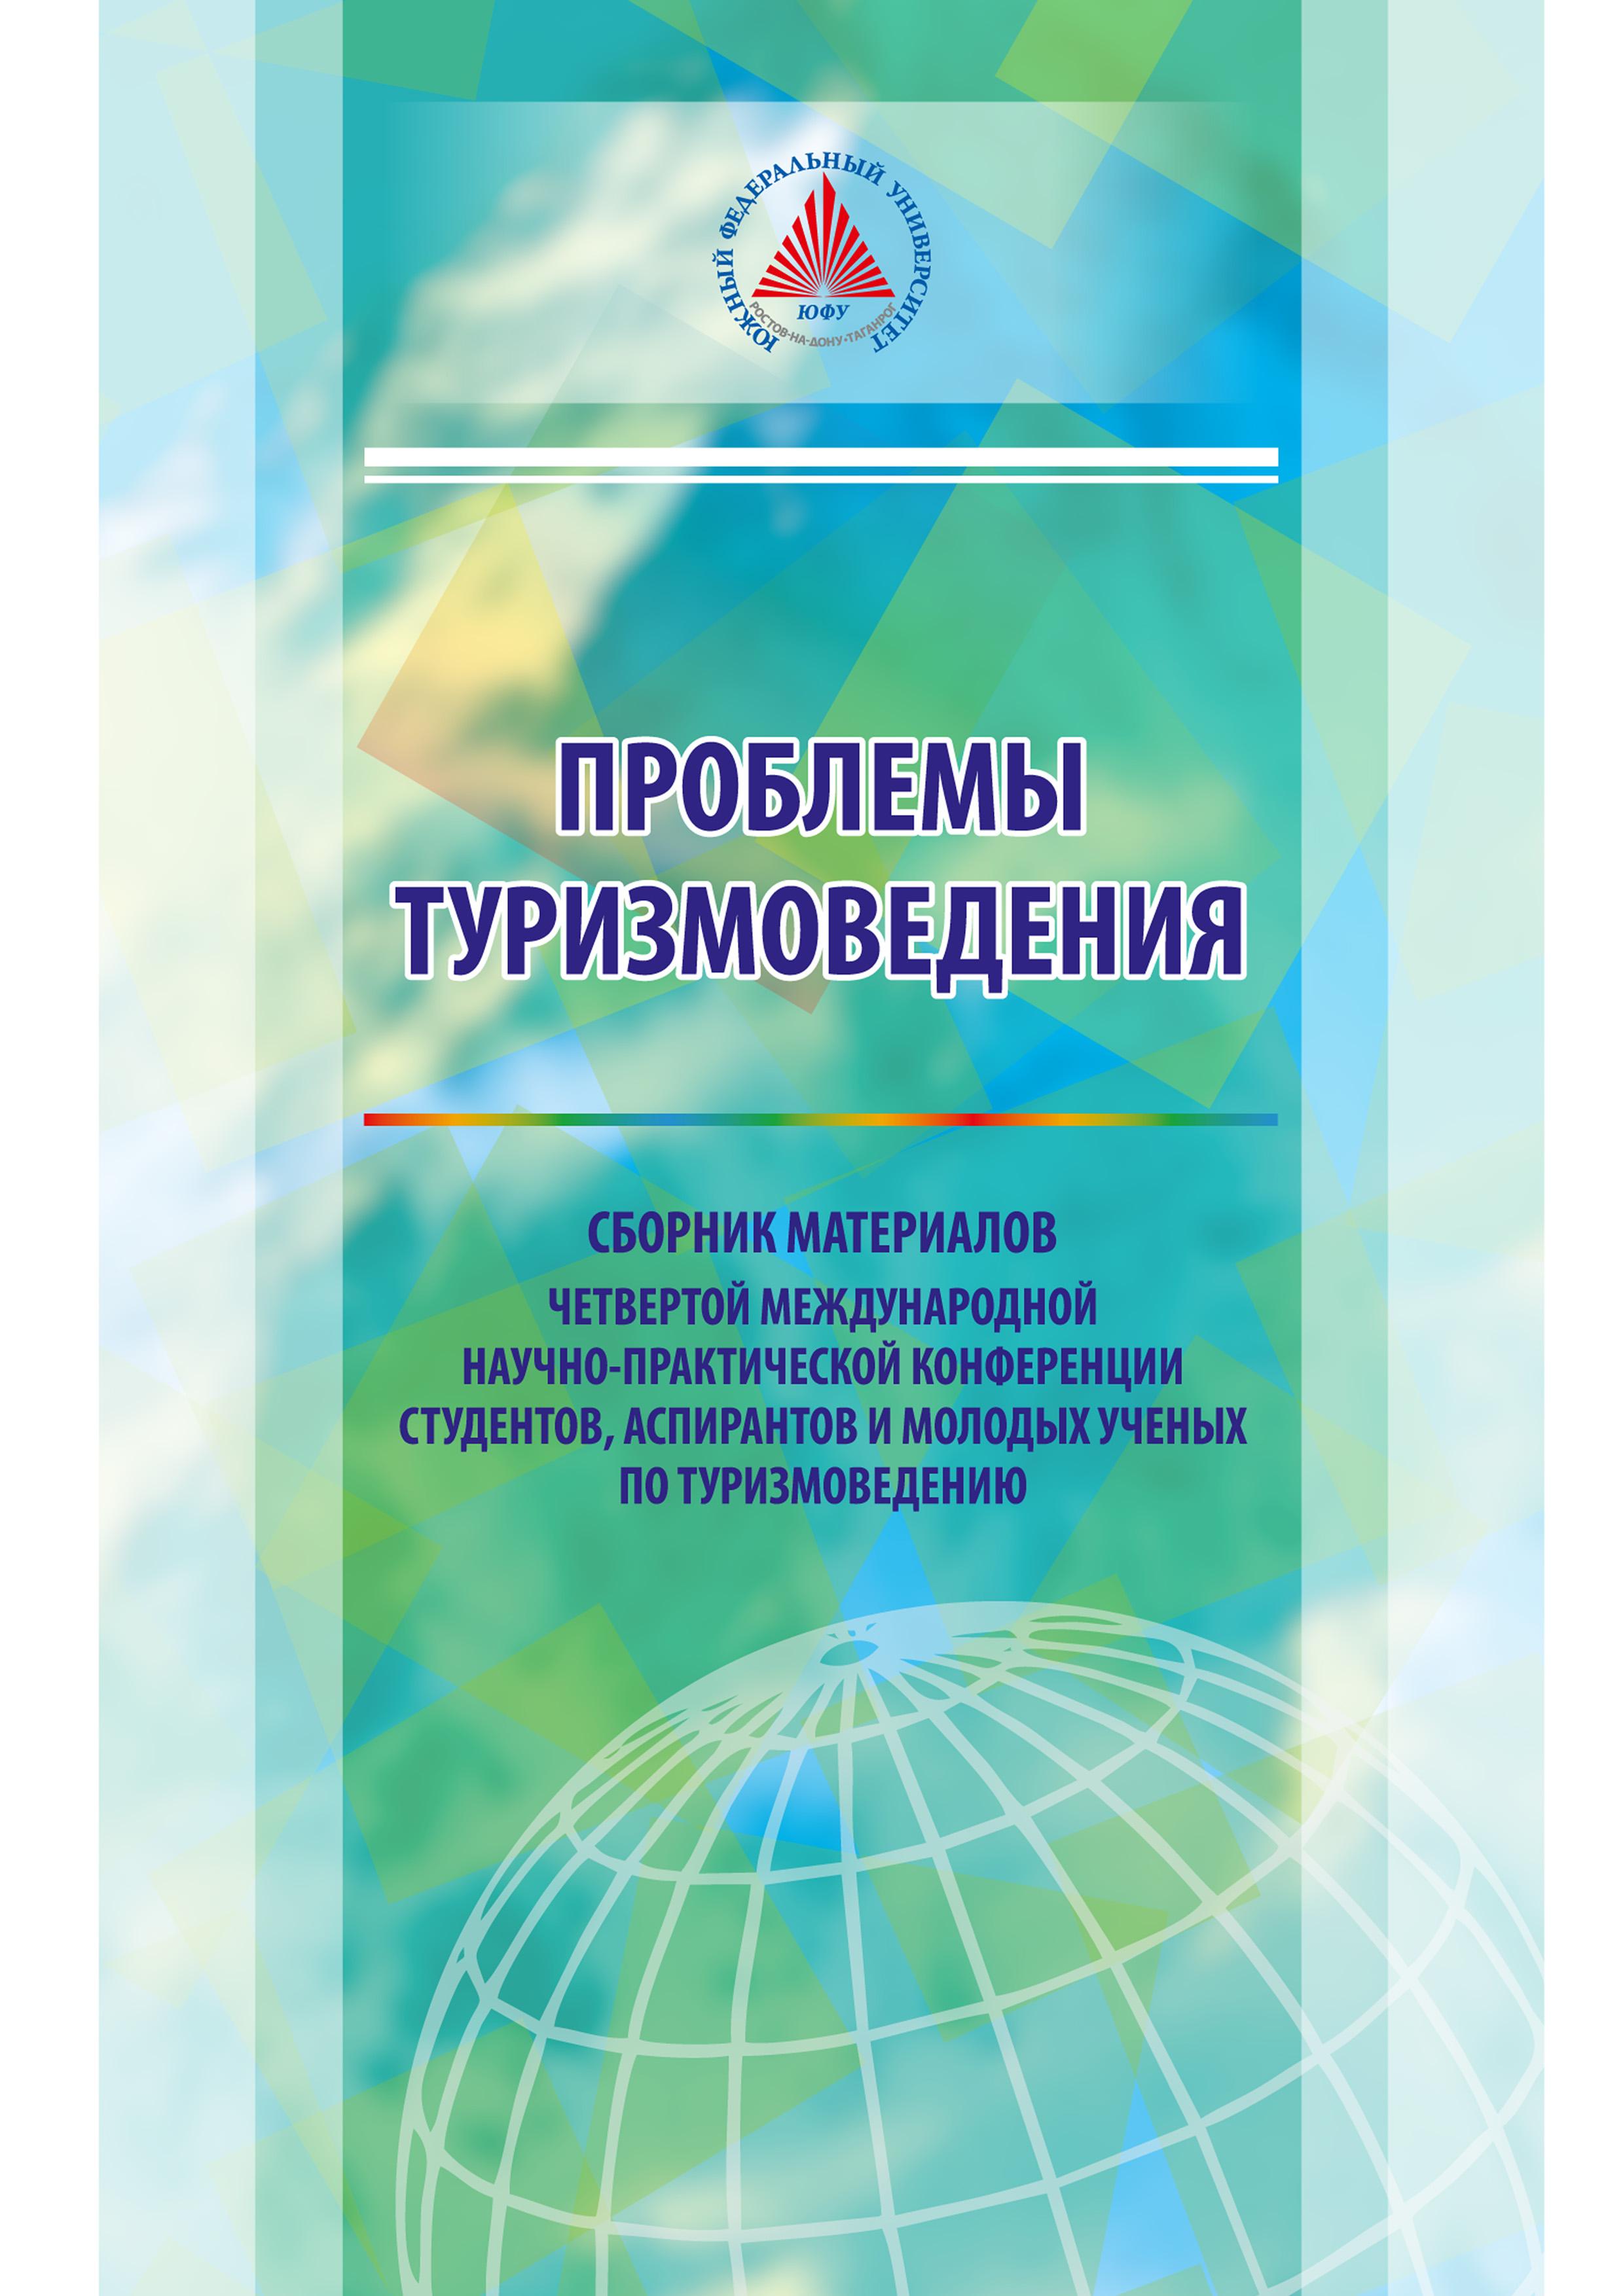 Проблемы туризмоведения. Сборник материалов III Международной научно-практической конференции студентов, аспирантов и молодых ученых по туризмоведению